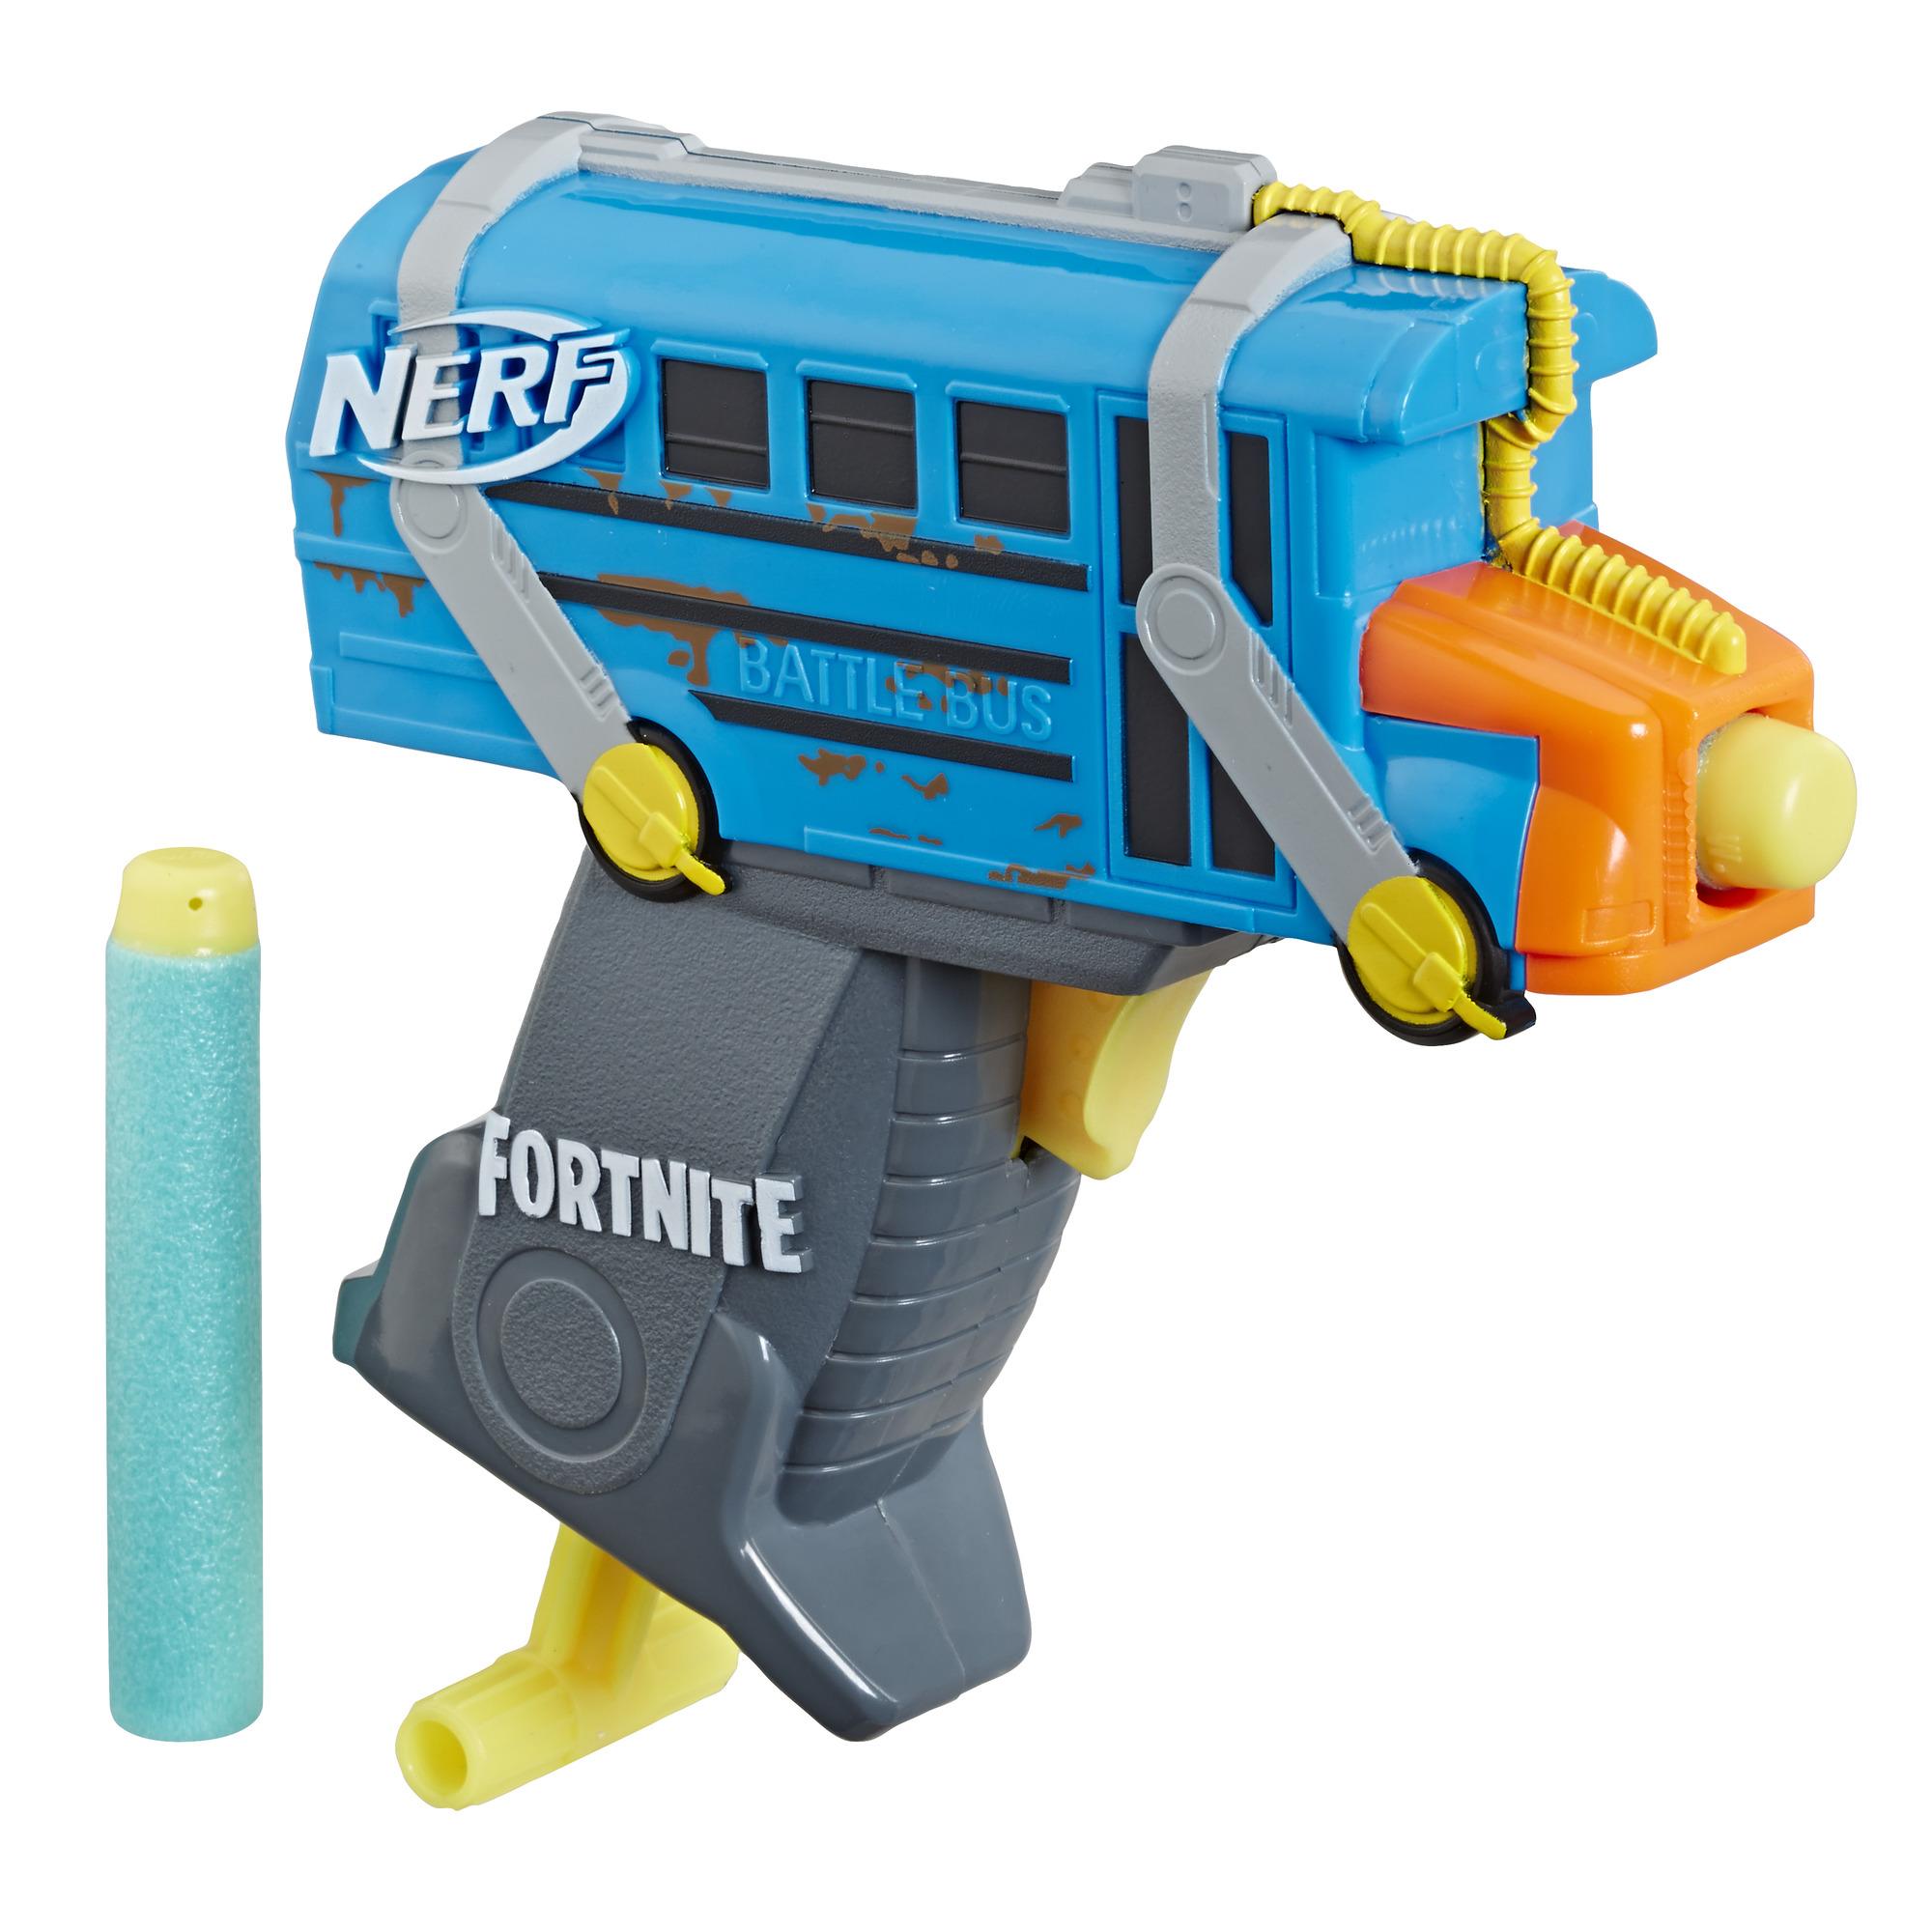 Nerf, Fortnite Microshot Battle Bus